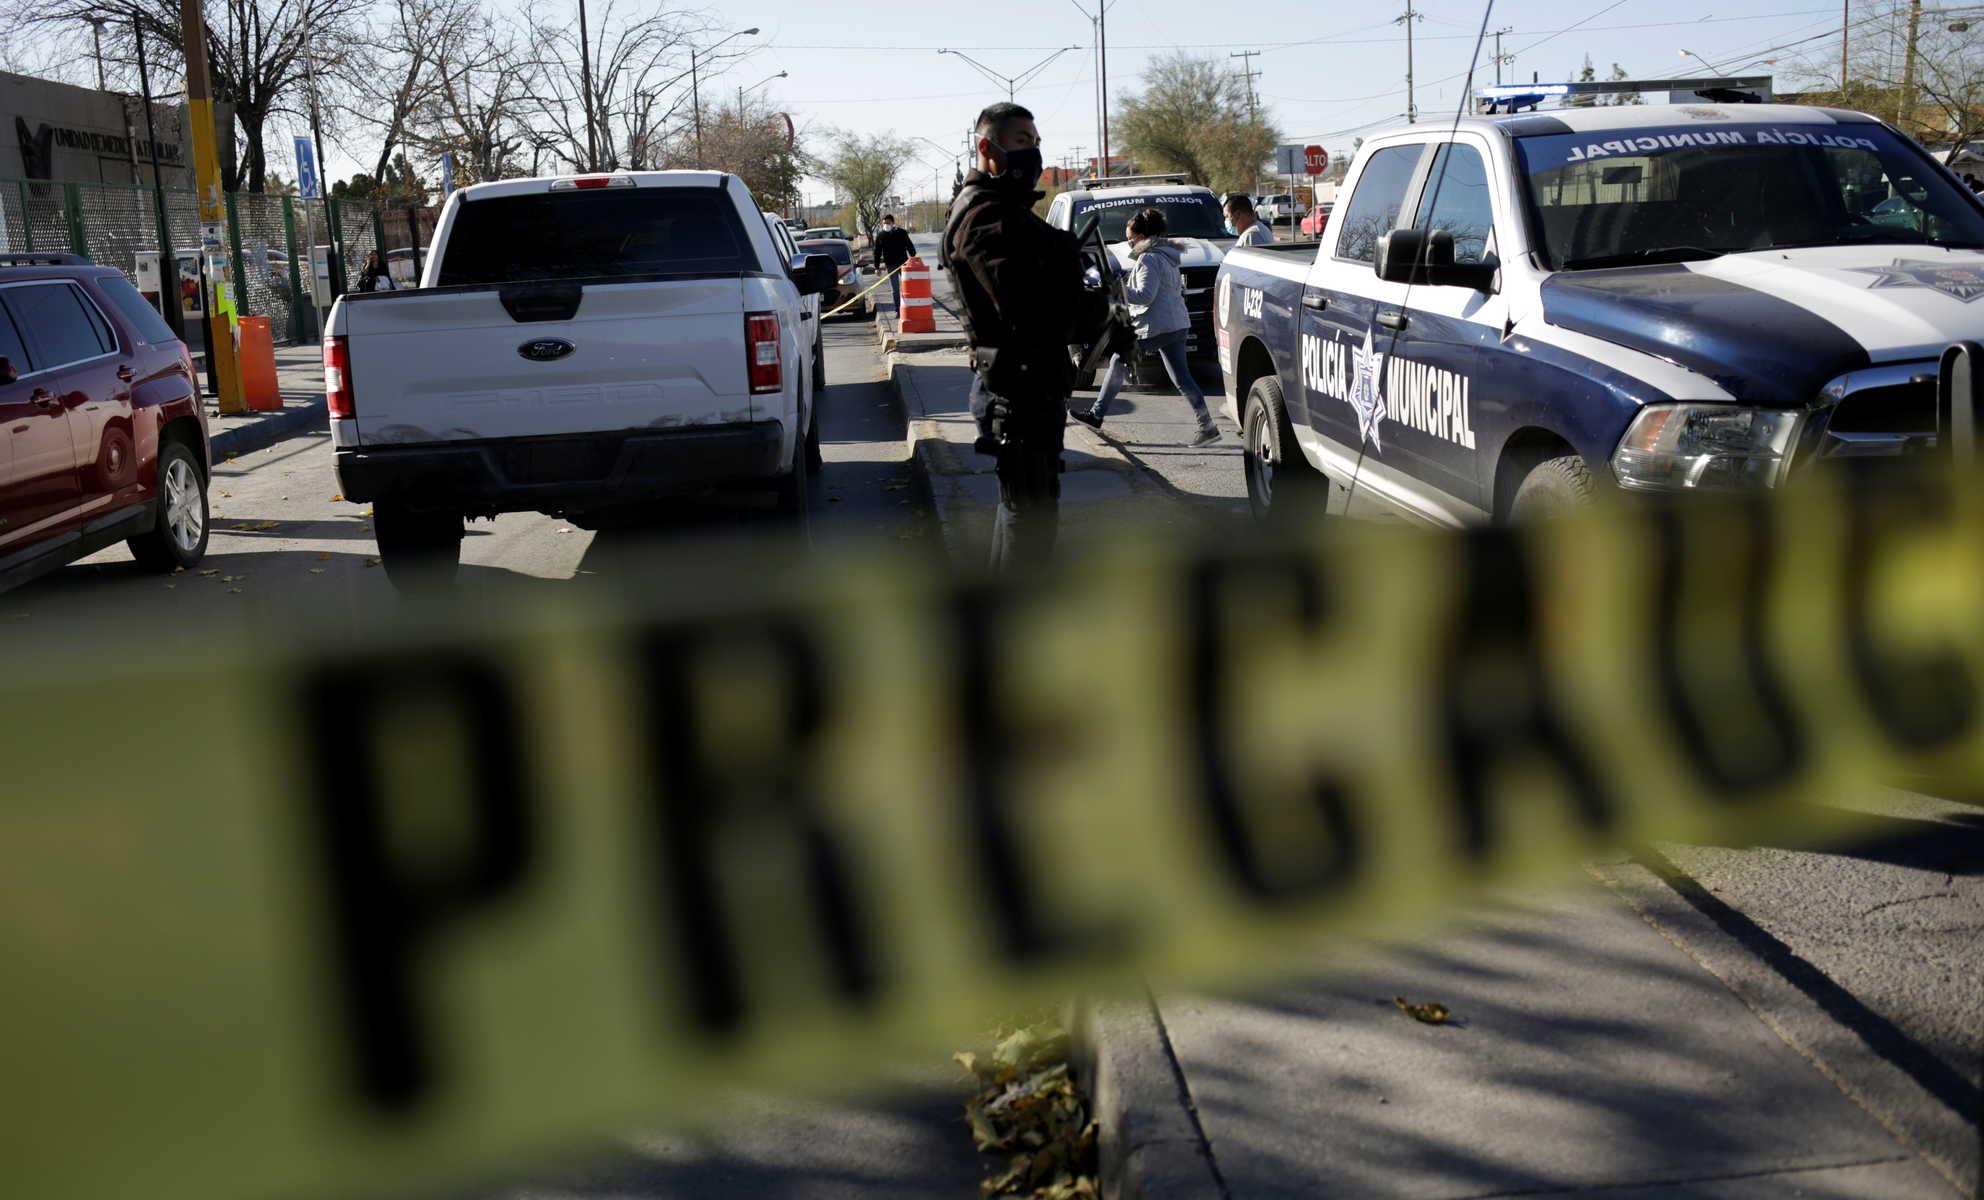 في حادثة غريبة .. مكسيكية تحاول قتل زوجها بعد أن ضبطته يخونها مع نفسها